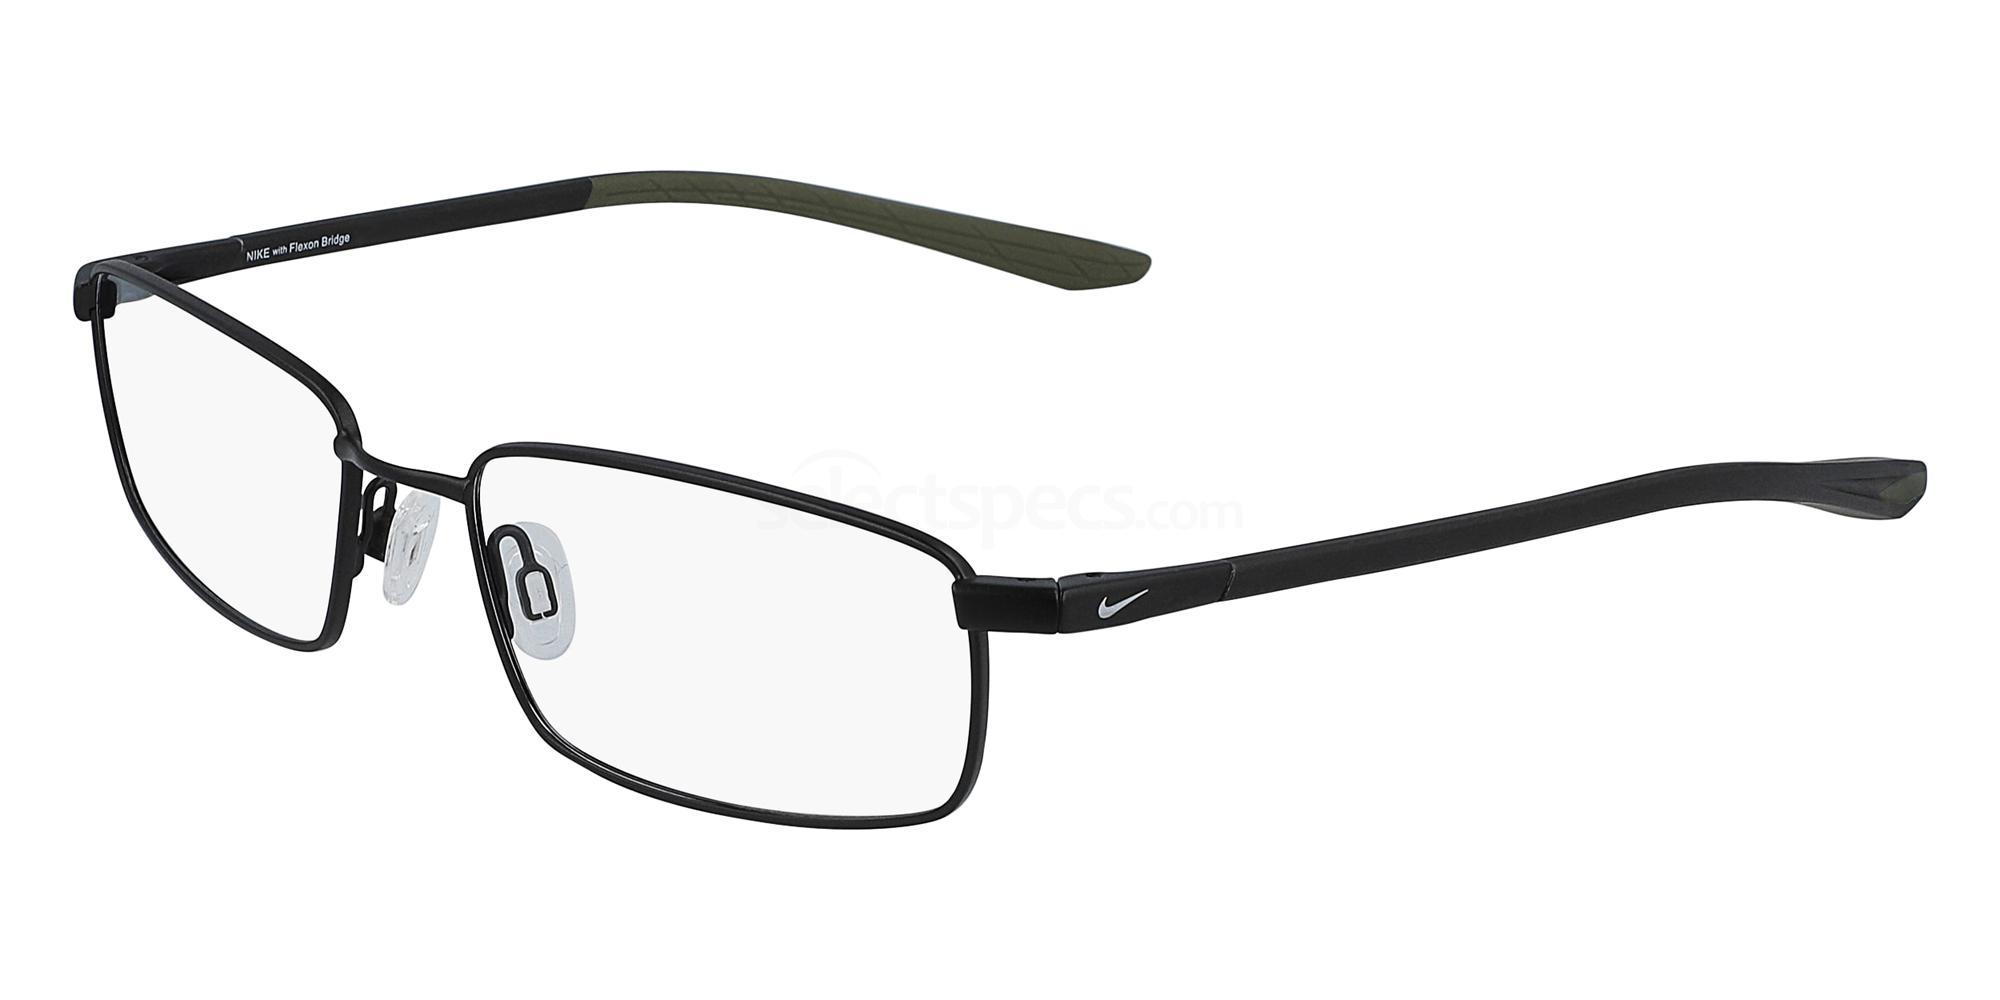 005 NIKE 4301 Glasses, Nike